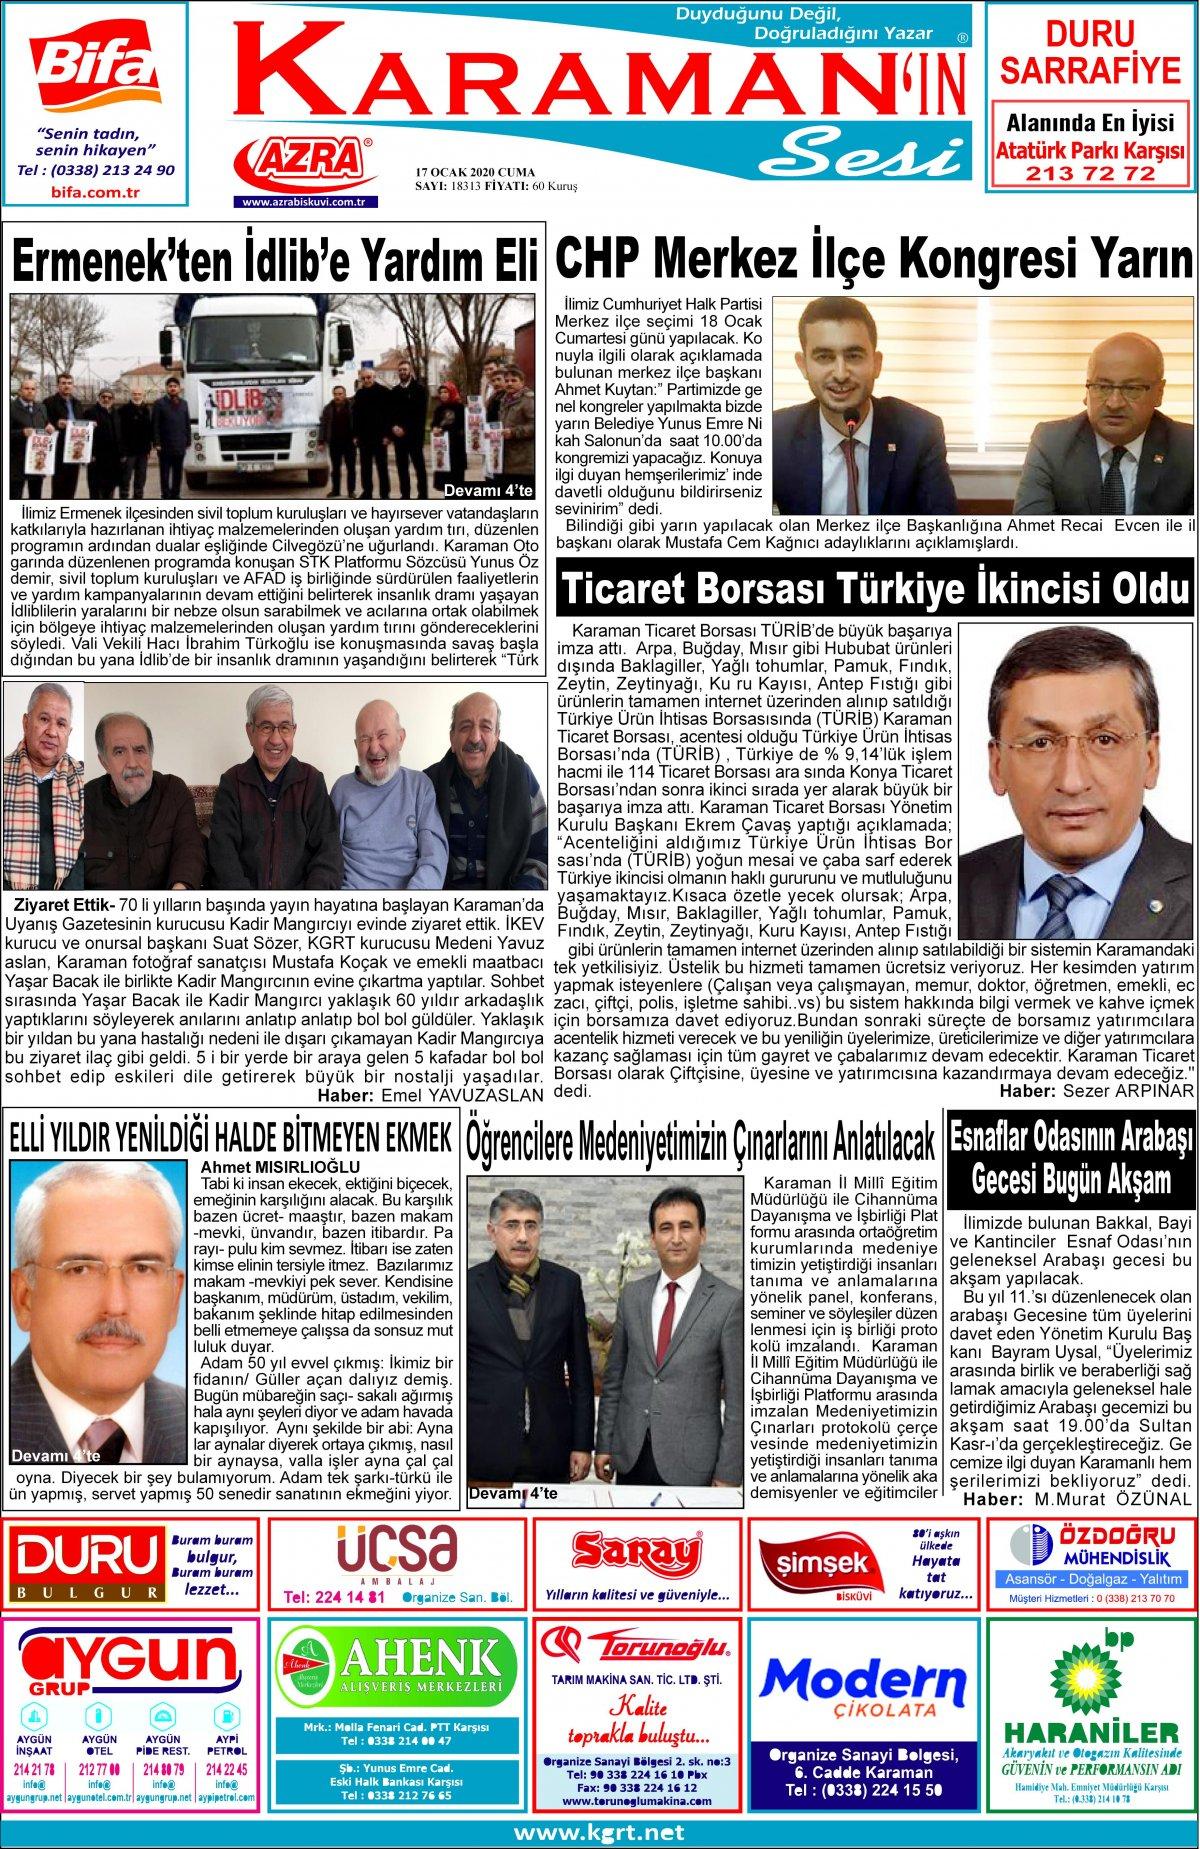 www.kgrt.net - 17.01.2020 Manşeti